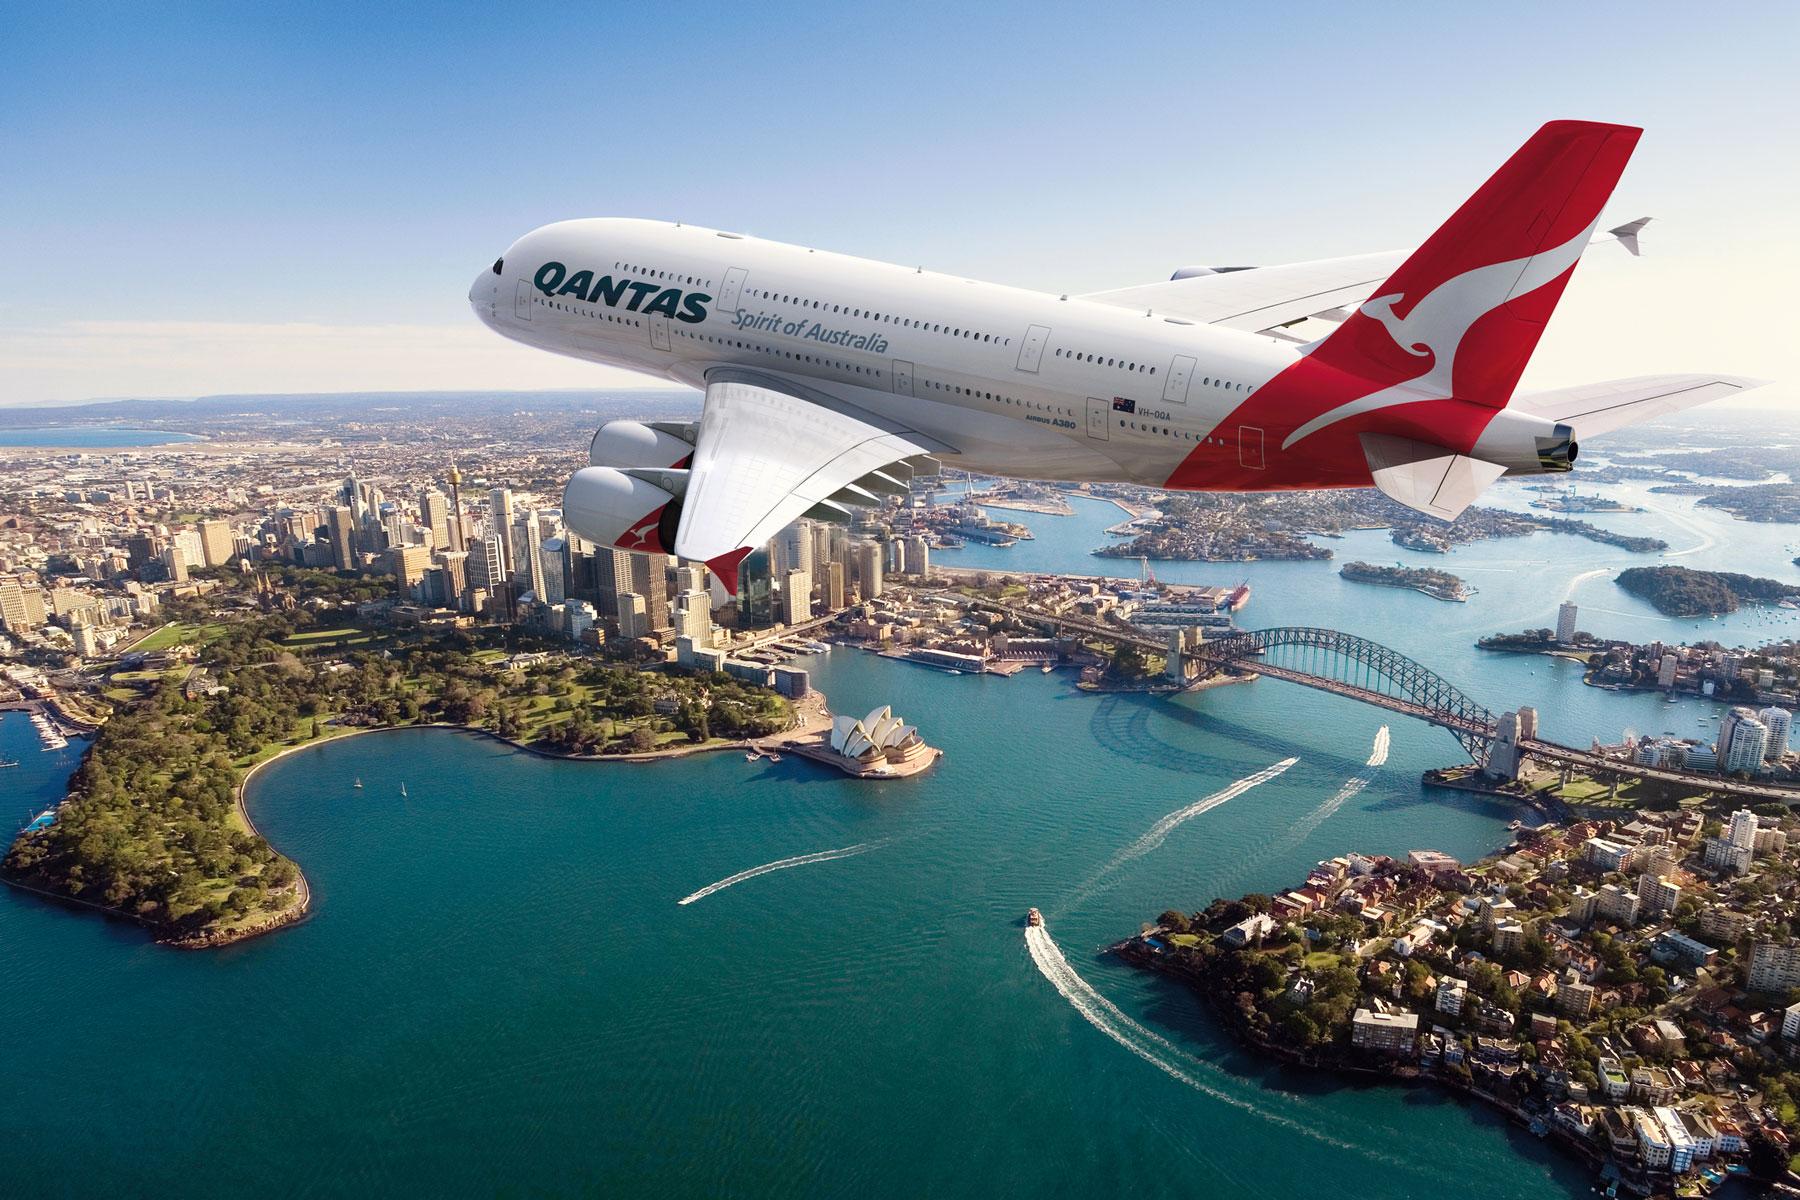 Qantas jet flying over iconic Sydney harbour bridge